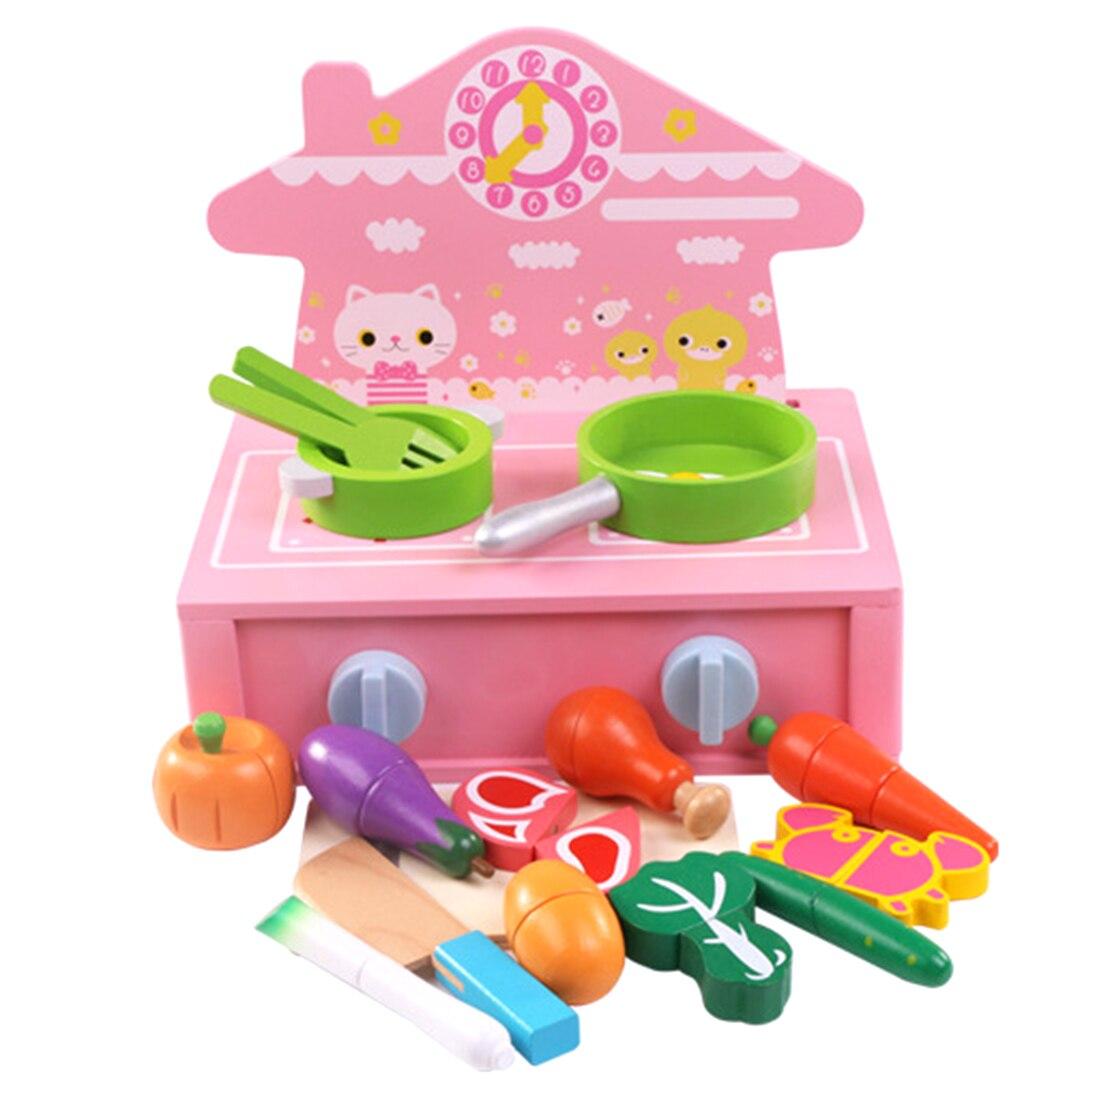 22 pièces enfants semblant jouer jouets magnétisme cuisine cuisinière cuisson coupe Playset semblant jouer éducation précoce jouet pour enfants cadeaux